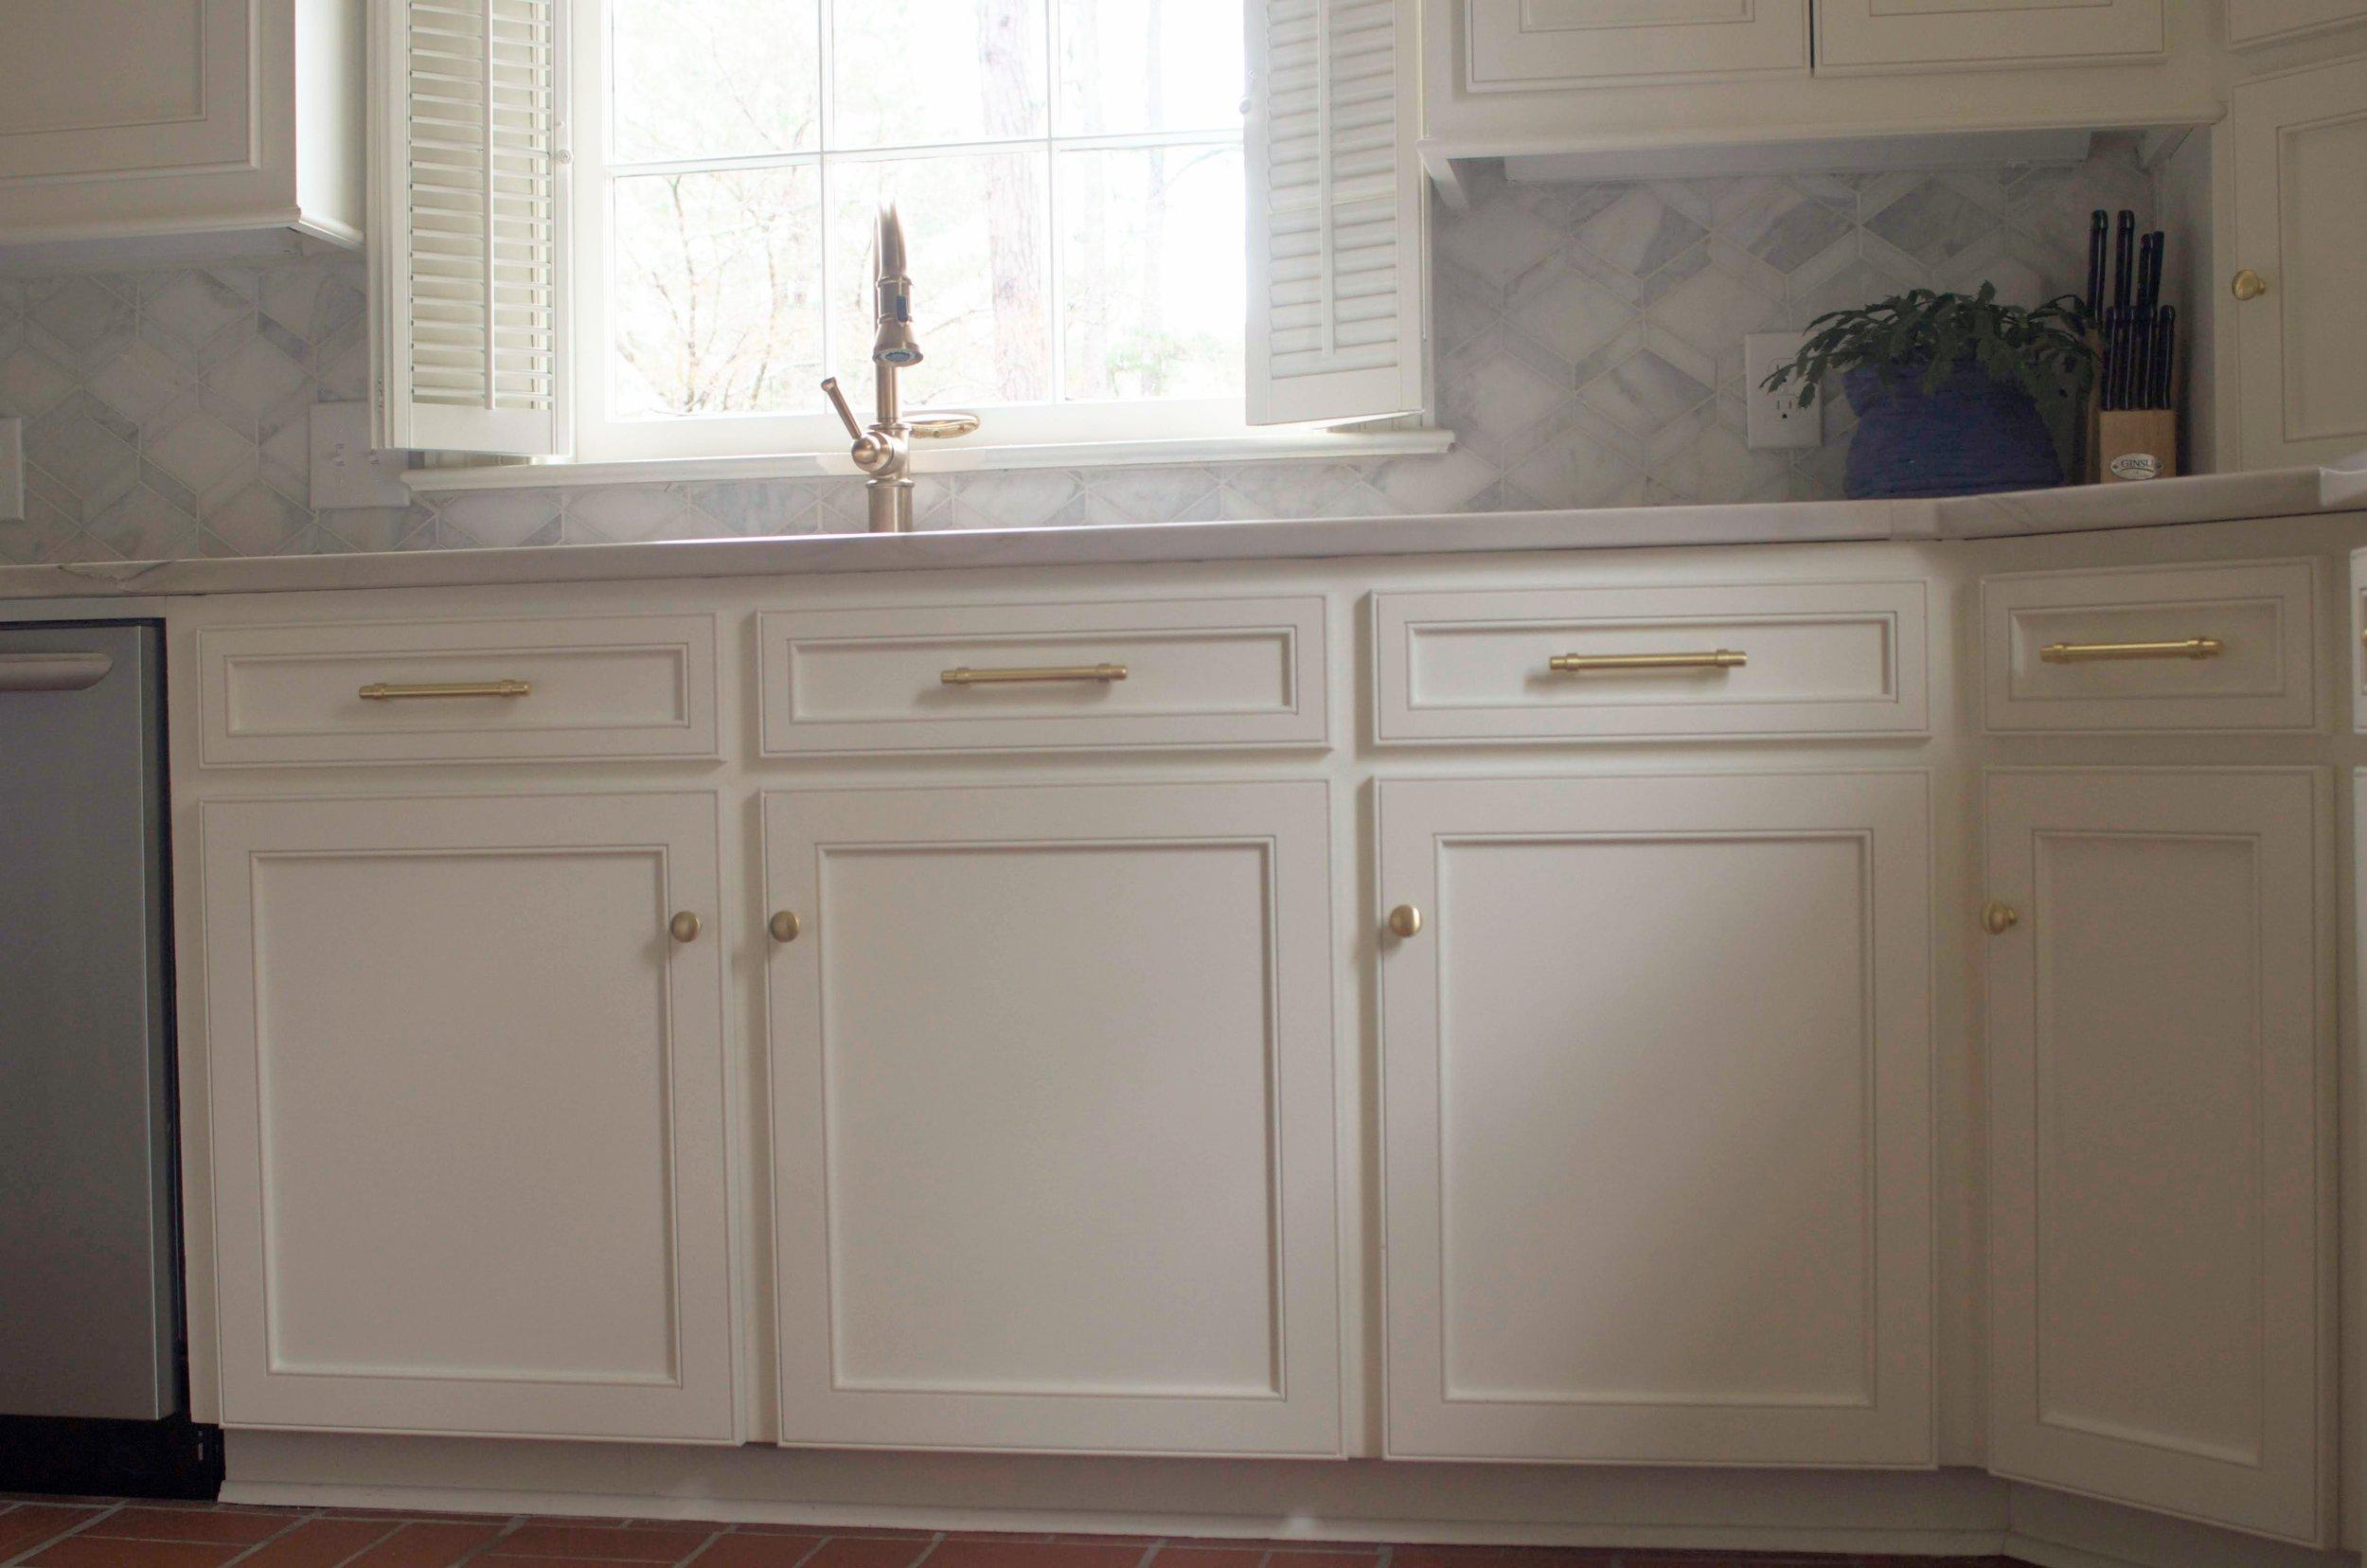 Kitchen Sink - After